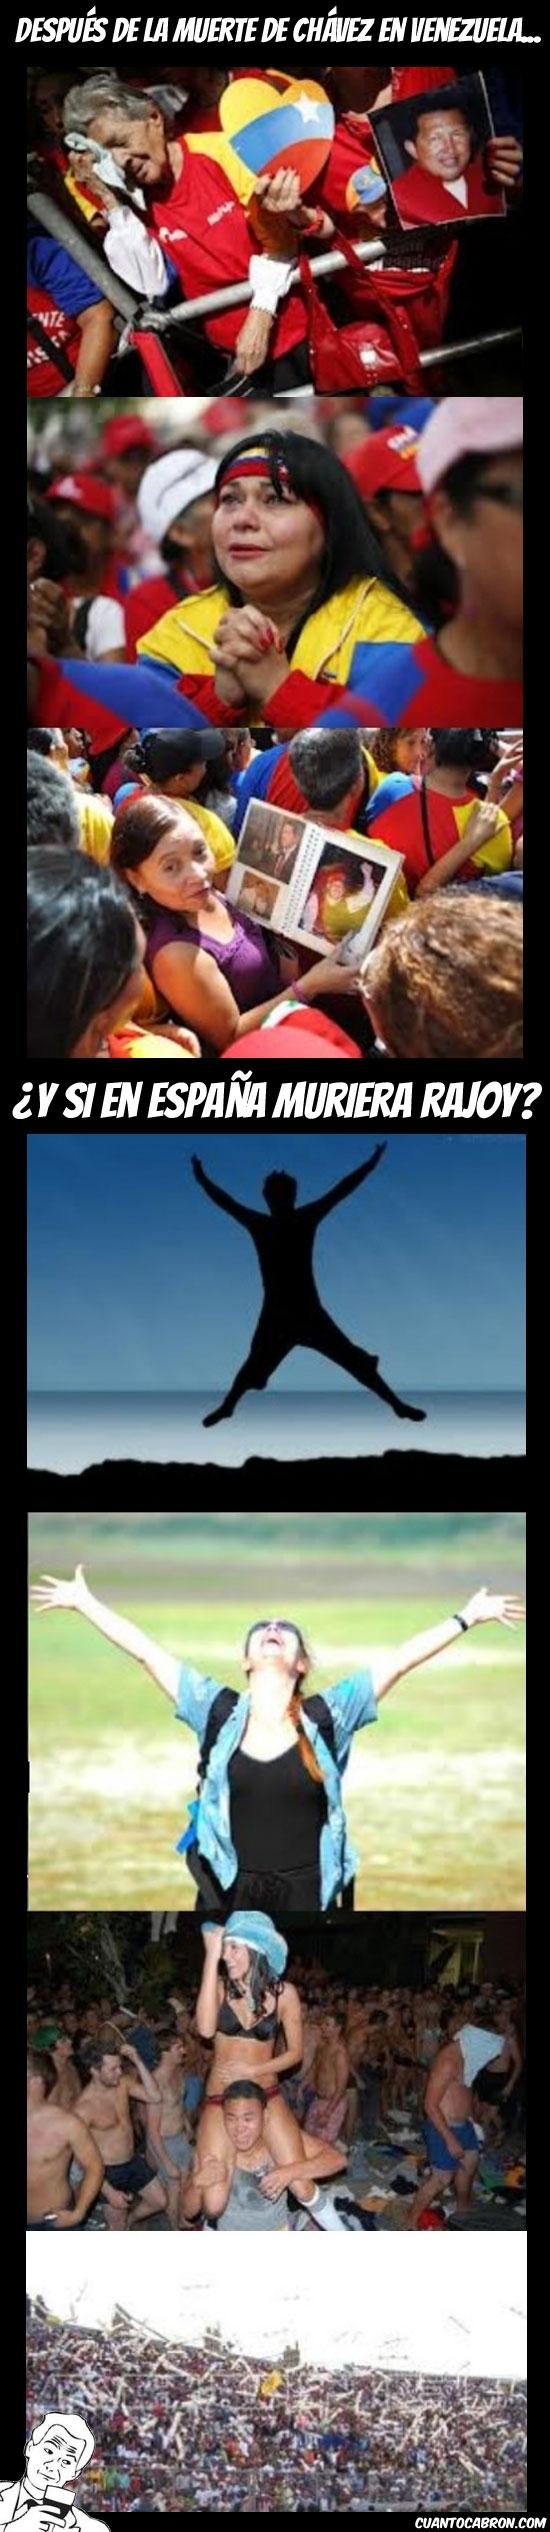 Otros - No creo que eso pase nunca en España...